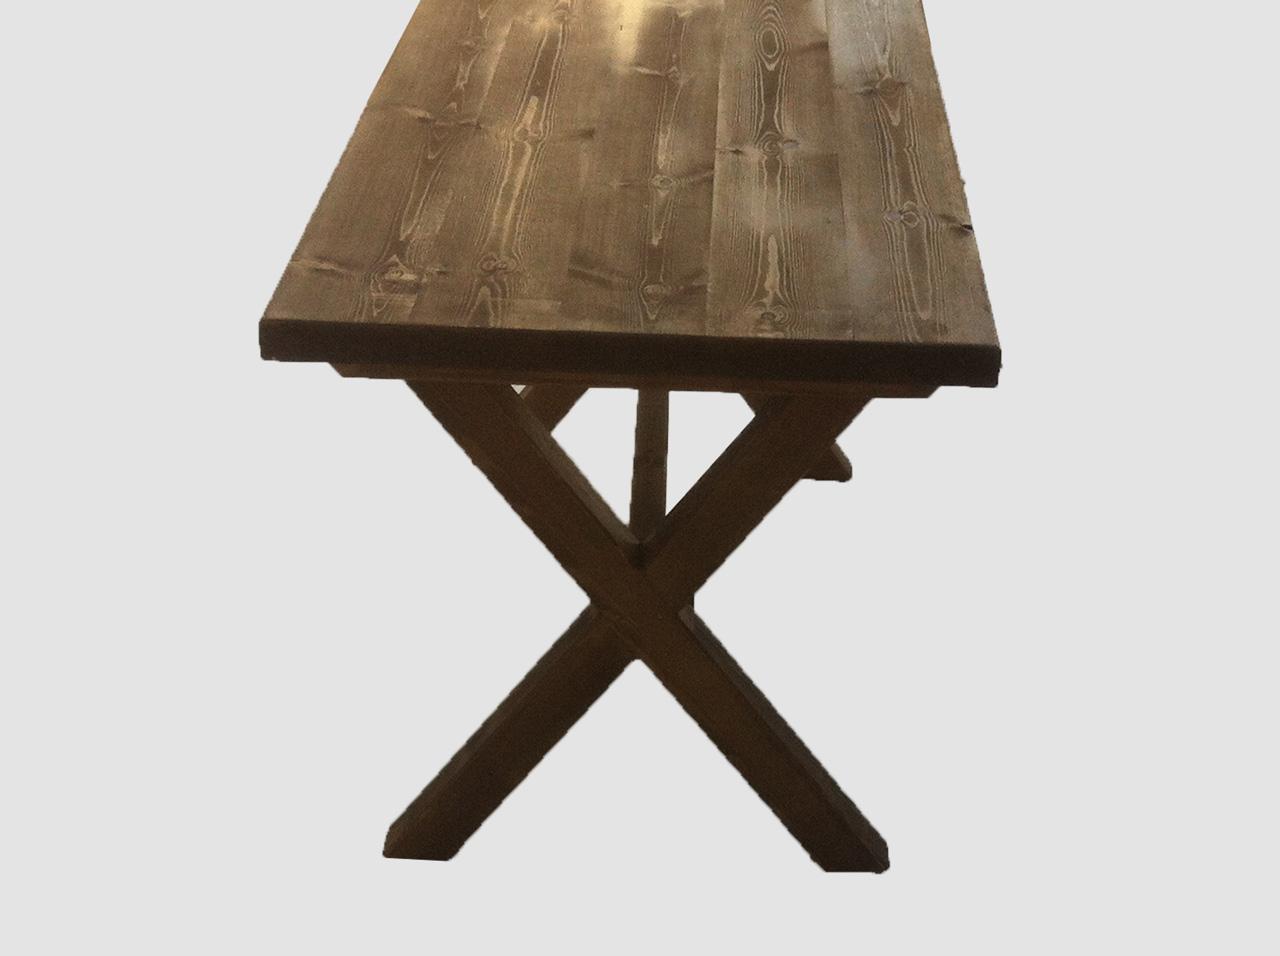 Τραπέζι με χιαστι πόδια